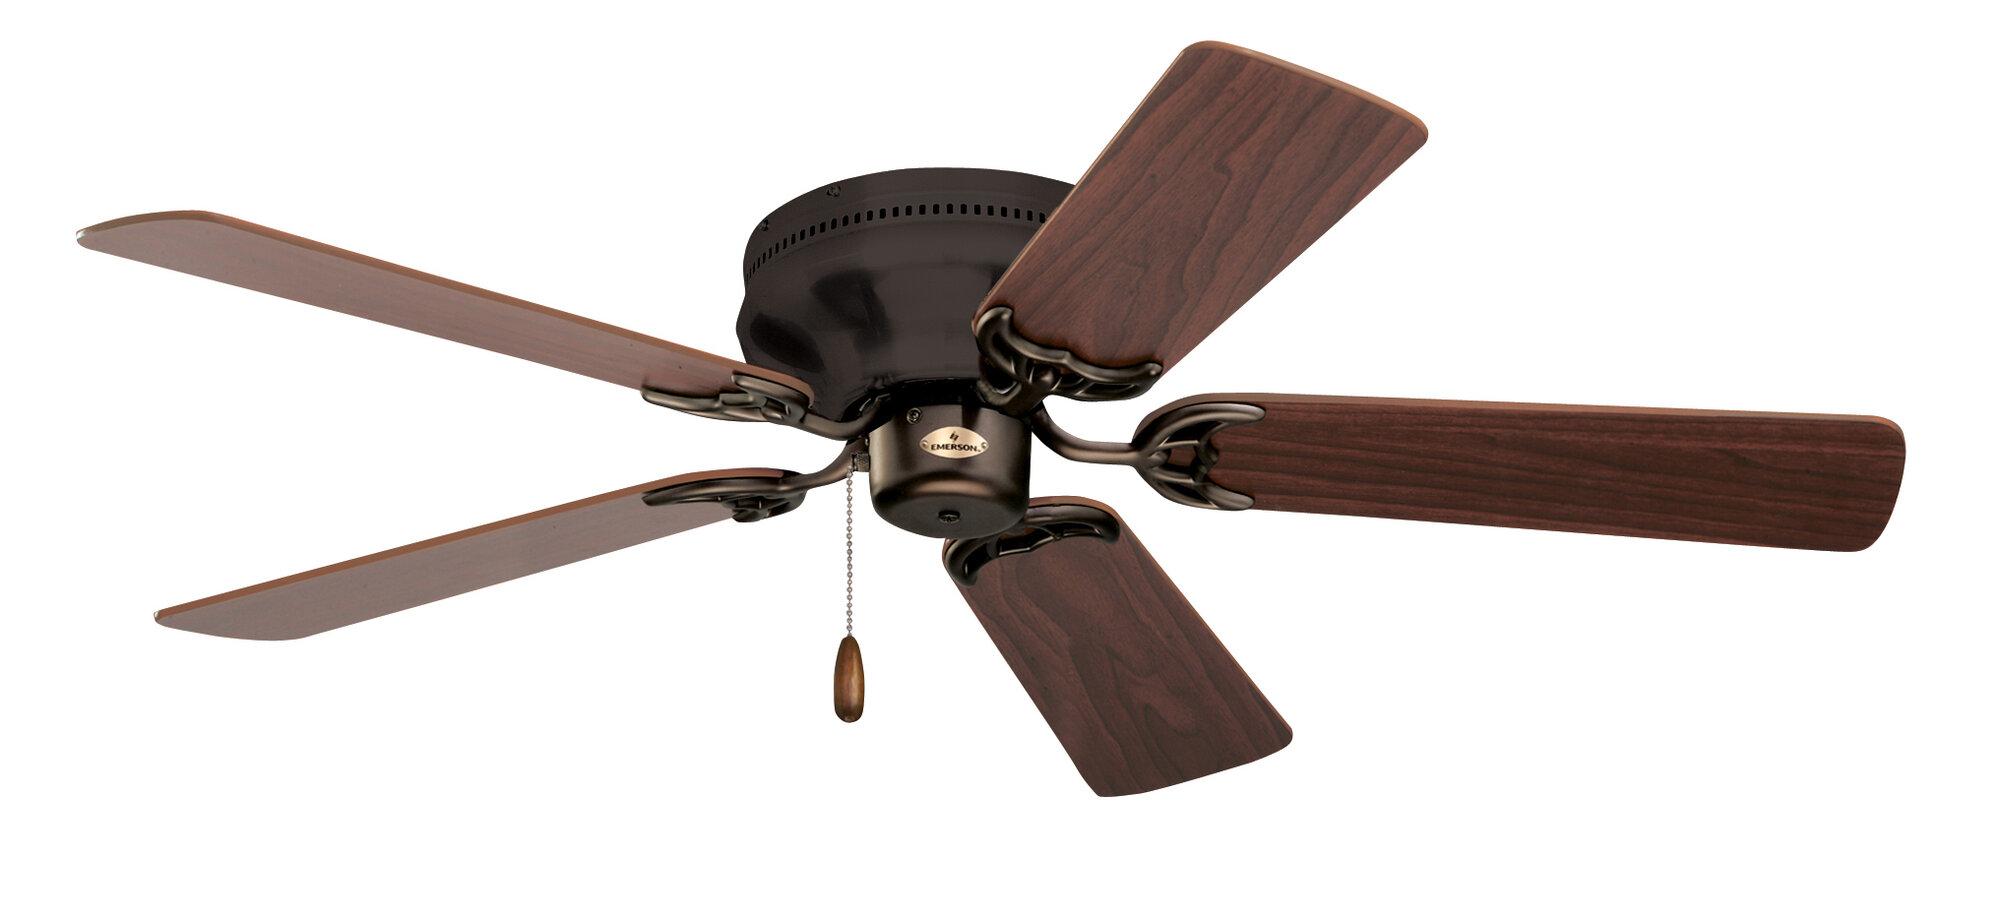 Emerson Ceiling Fans : Emerson ceiling fans quot contemporary snugger blade